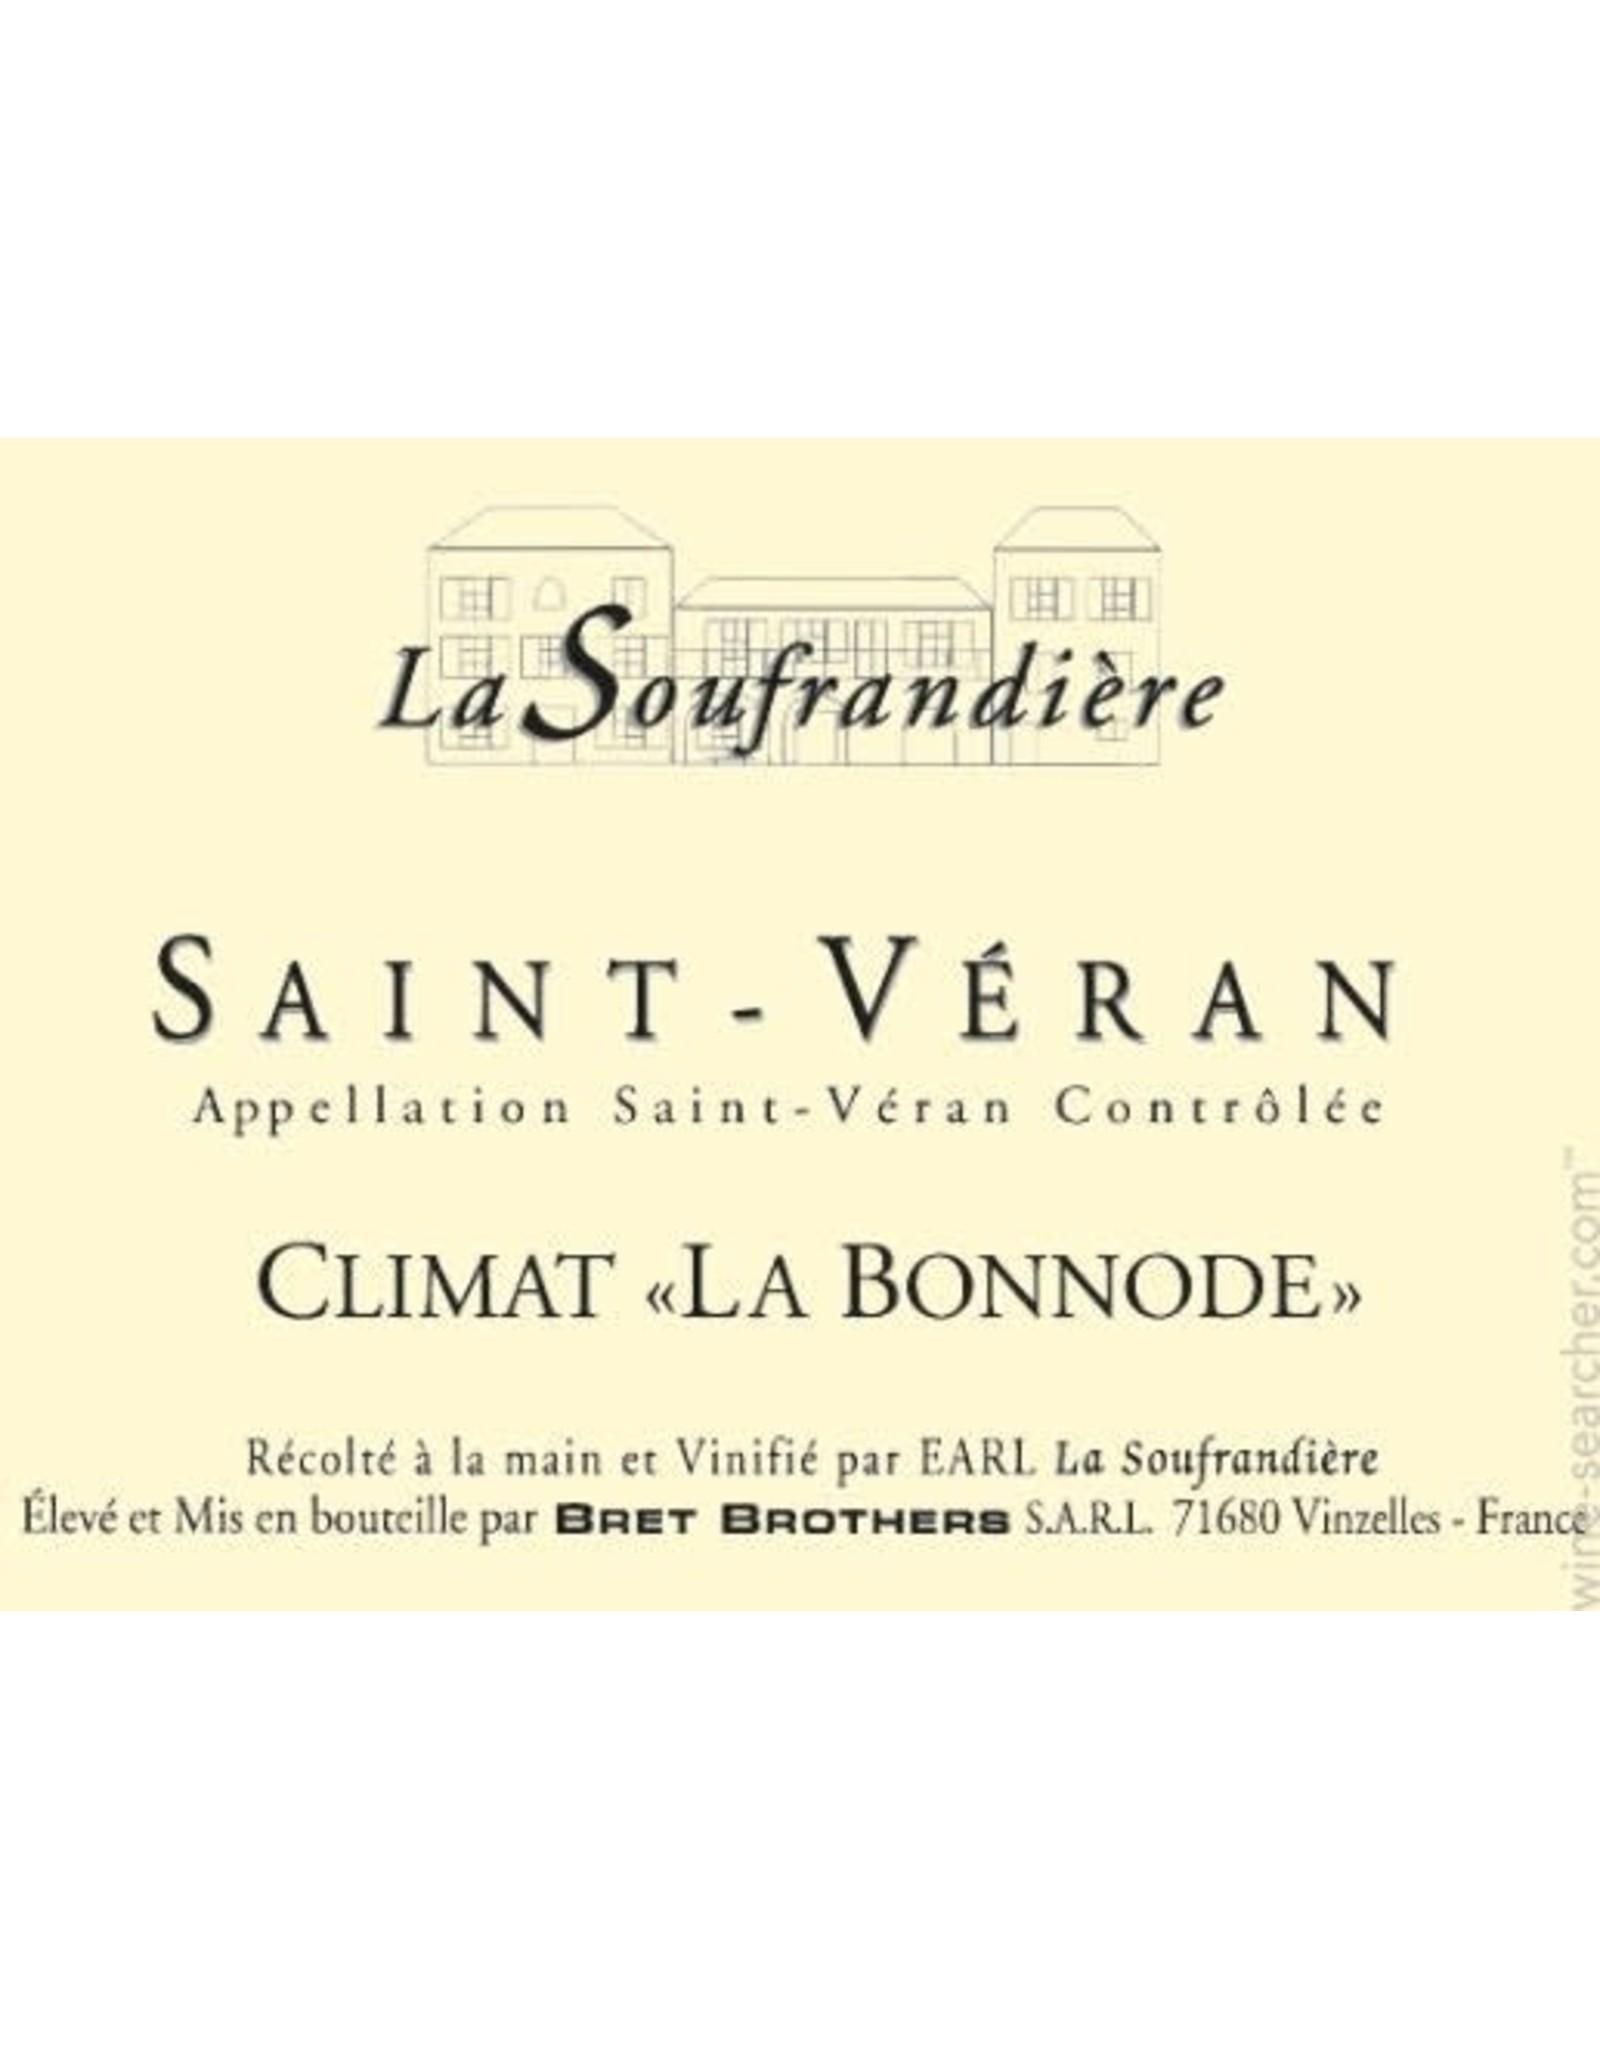 Bret Brothers La Soufrandiere Saint-Veran La Bonnode 2016